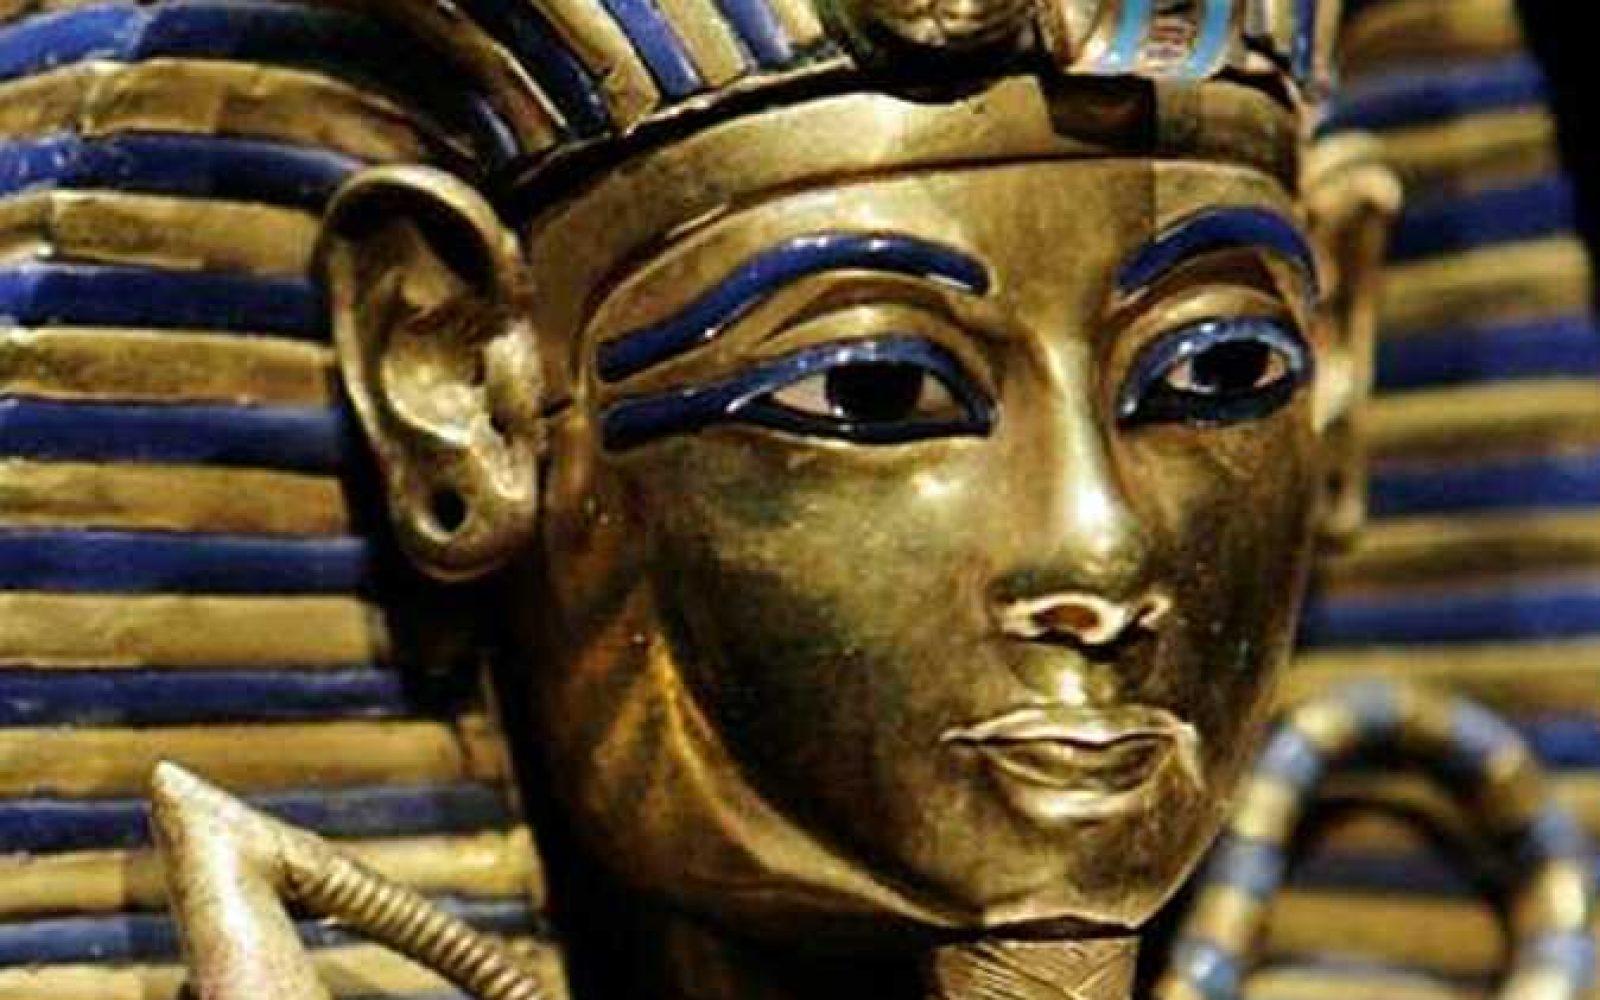 زاهي حواس نحتفل بمرور  عام على اكتشاف مقبرة توت عنخ آمون نوفمبر  | فيديو